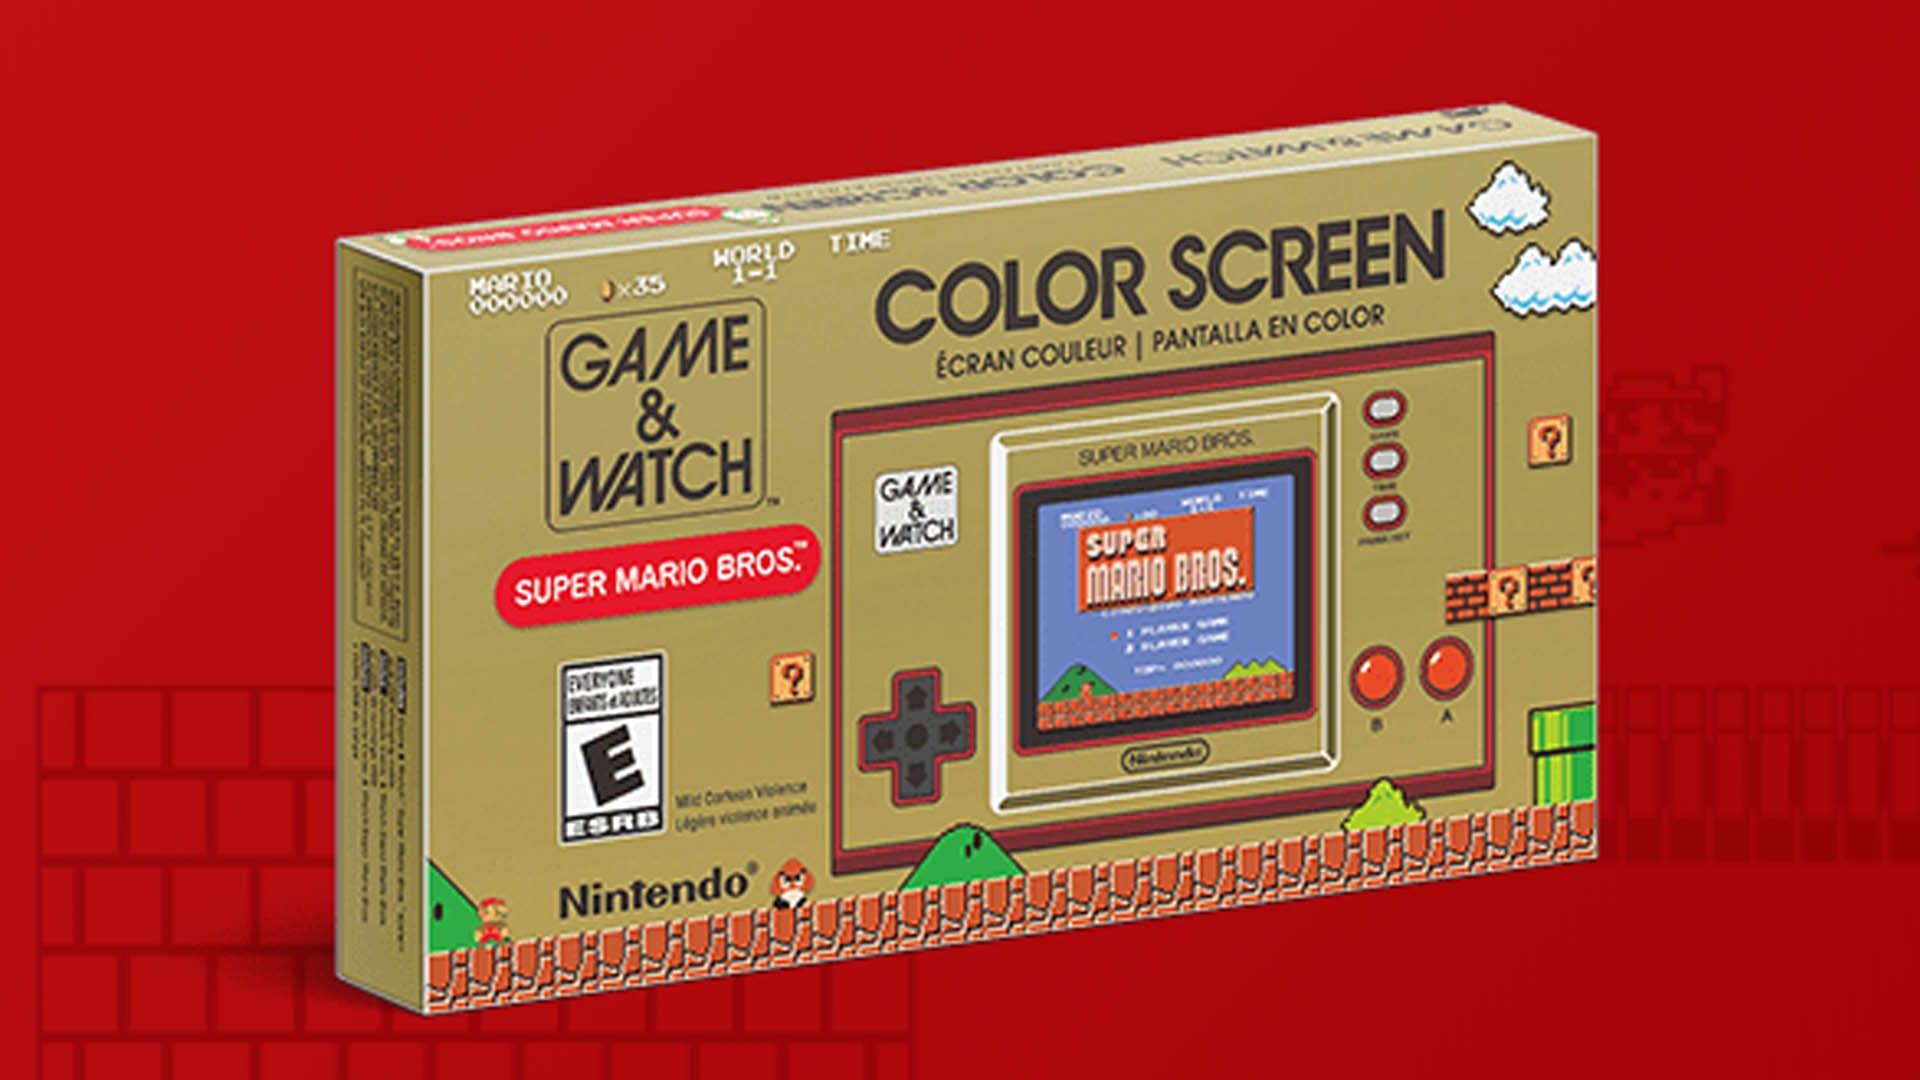 Game & Watch Super Mario Bros. - Nintendo